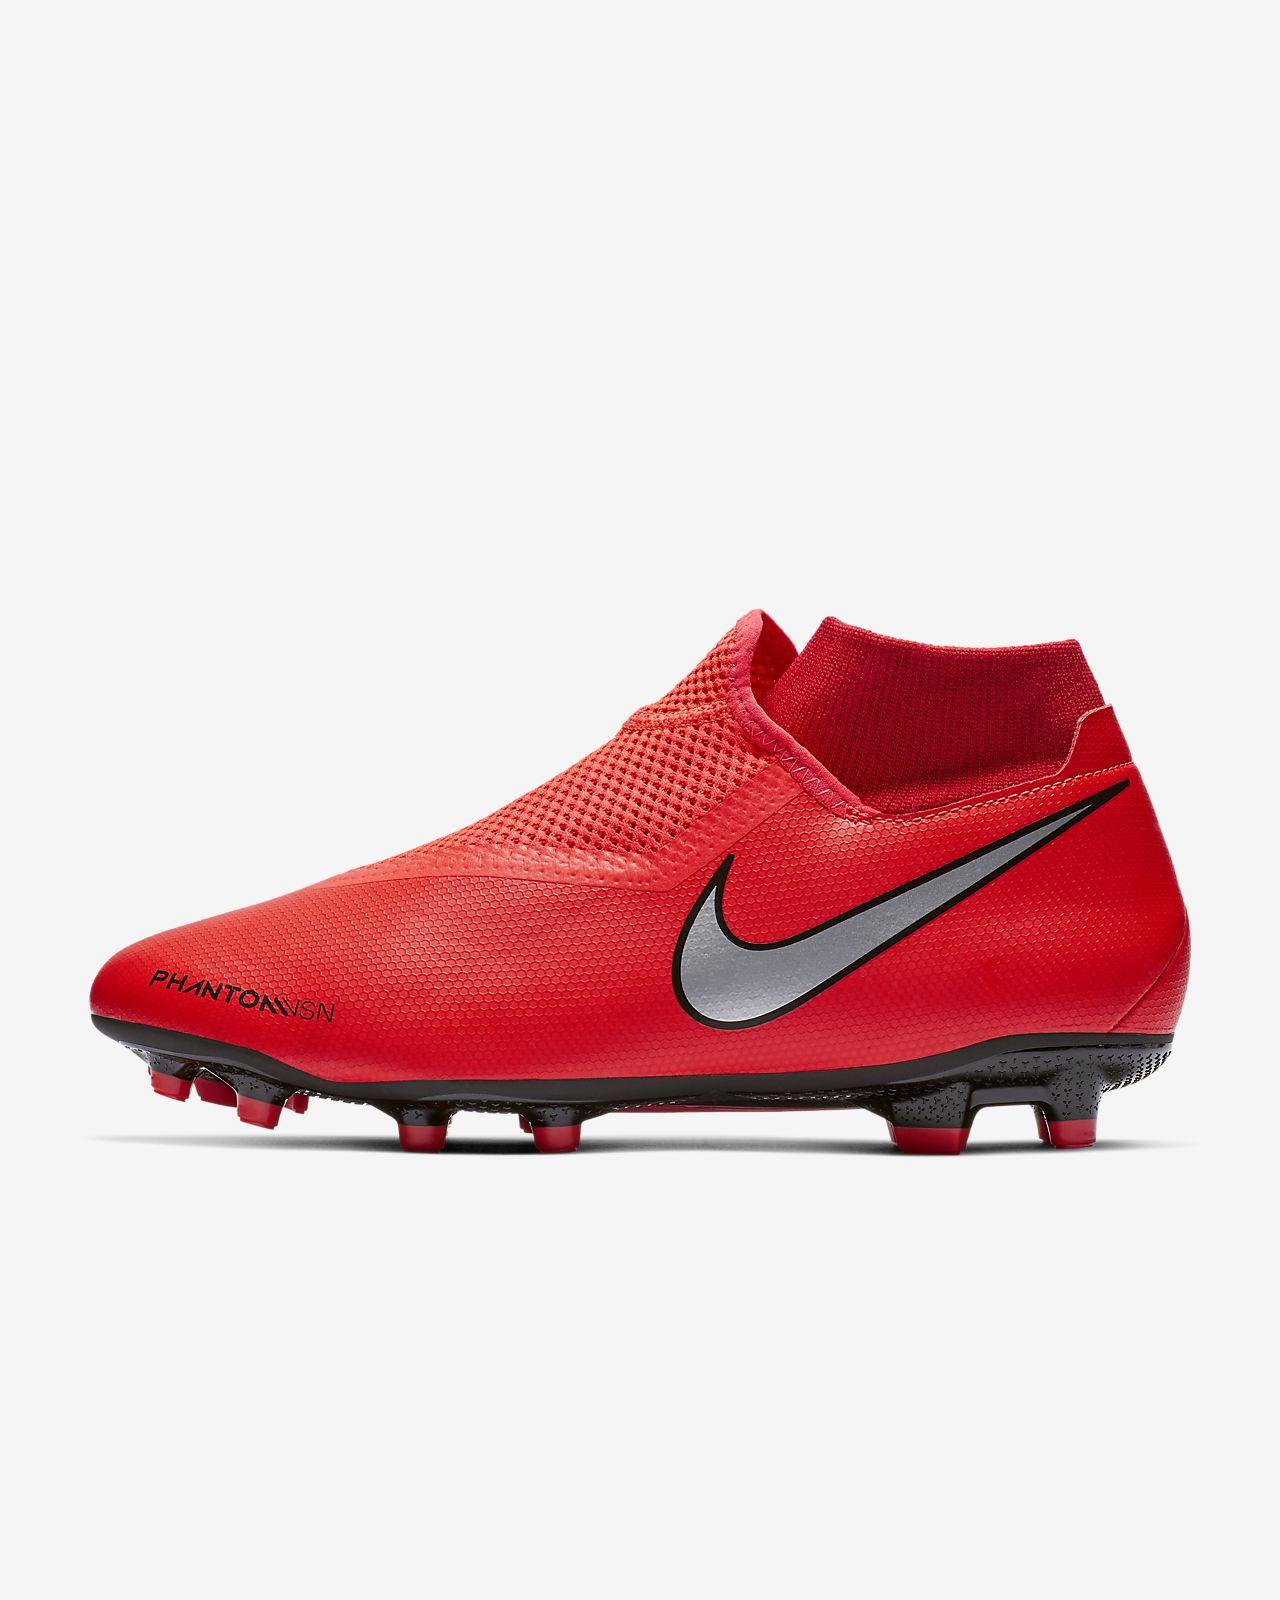 newest dca4a fc707 ... Nike PhantomVSN Academy Dynamic Fit Game Over MG-fodboldstøvle til  flere typer underlag